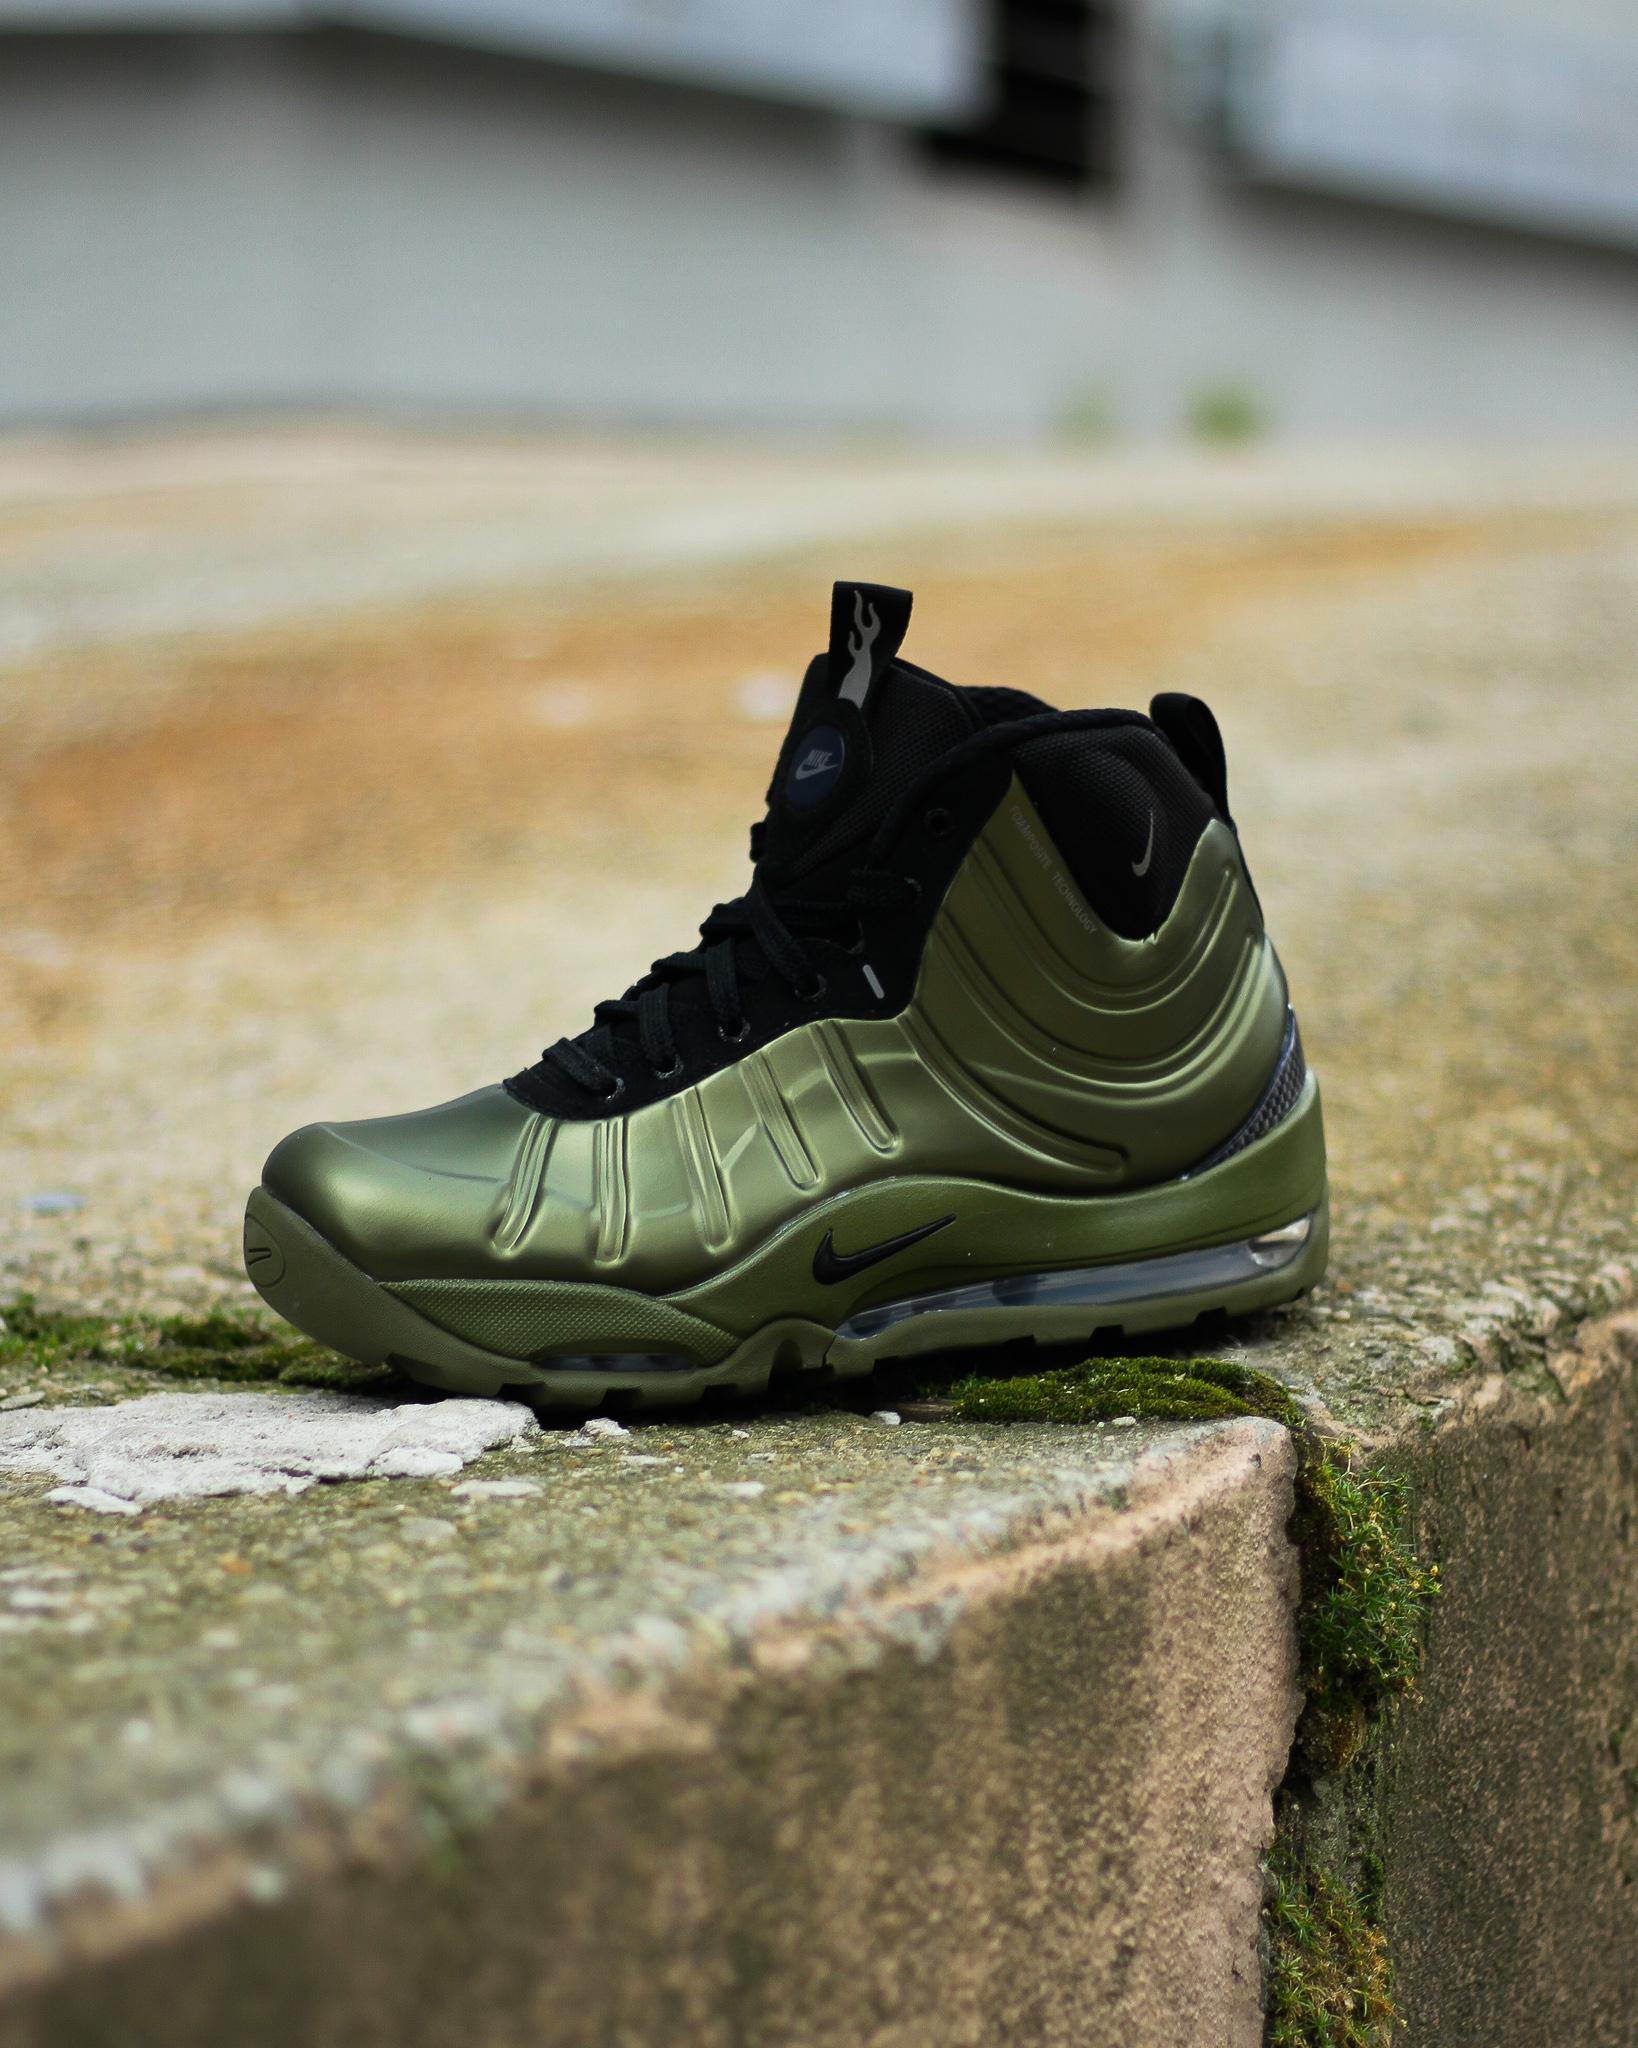 nike bakin boots off 60% - www